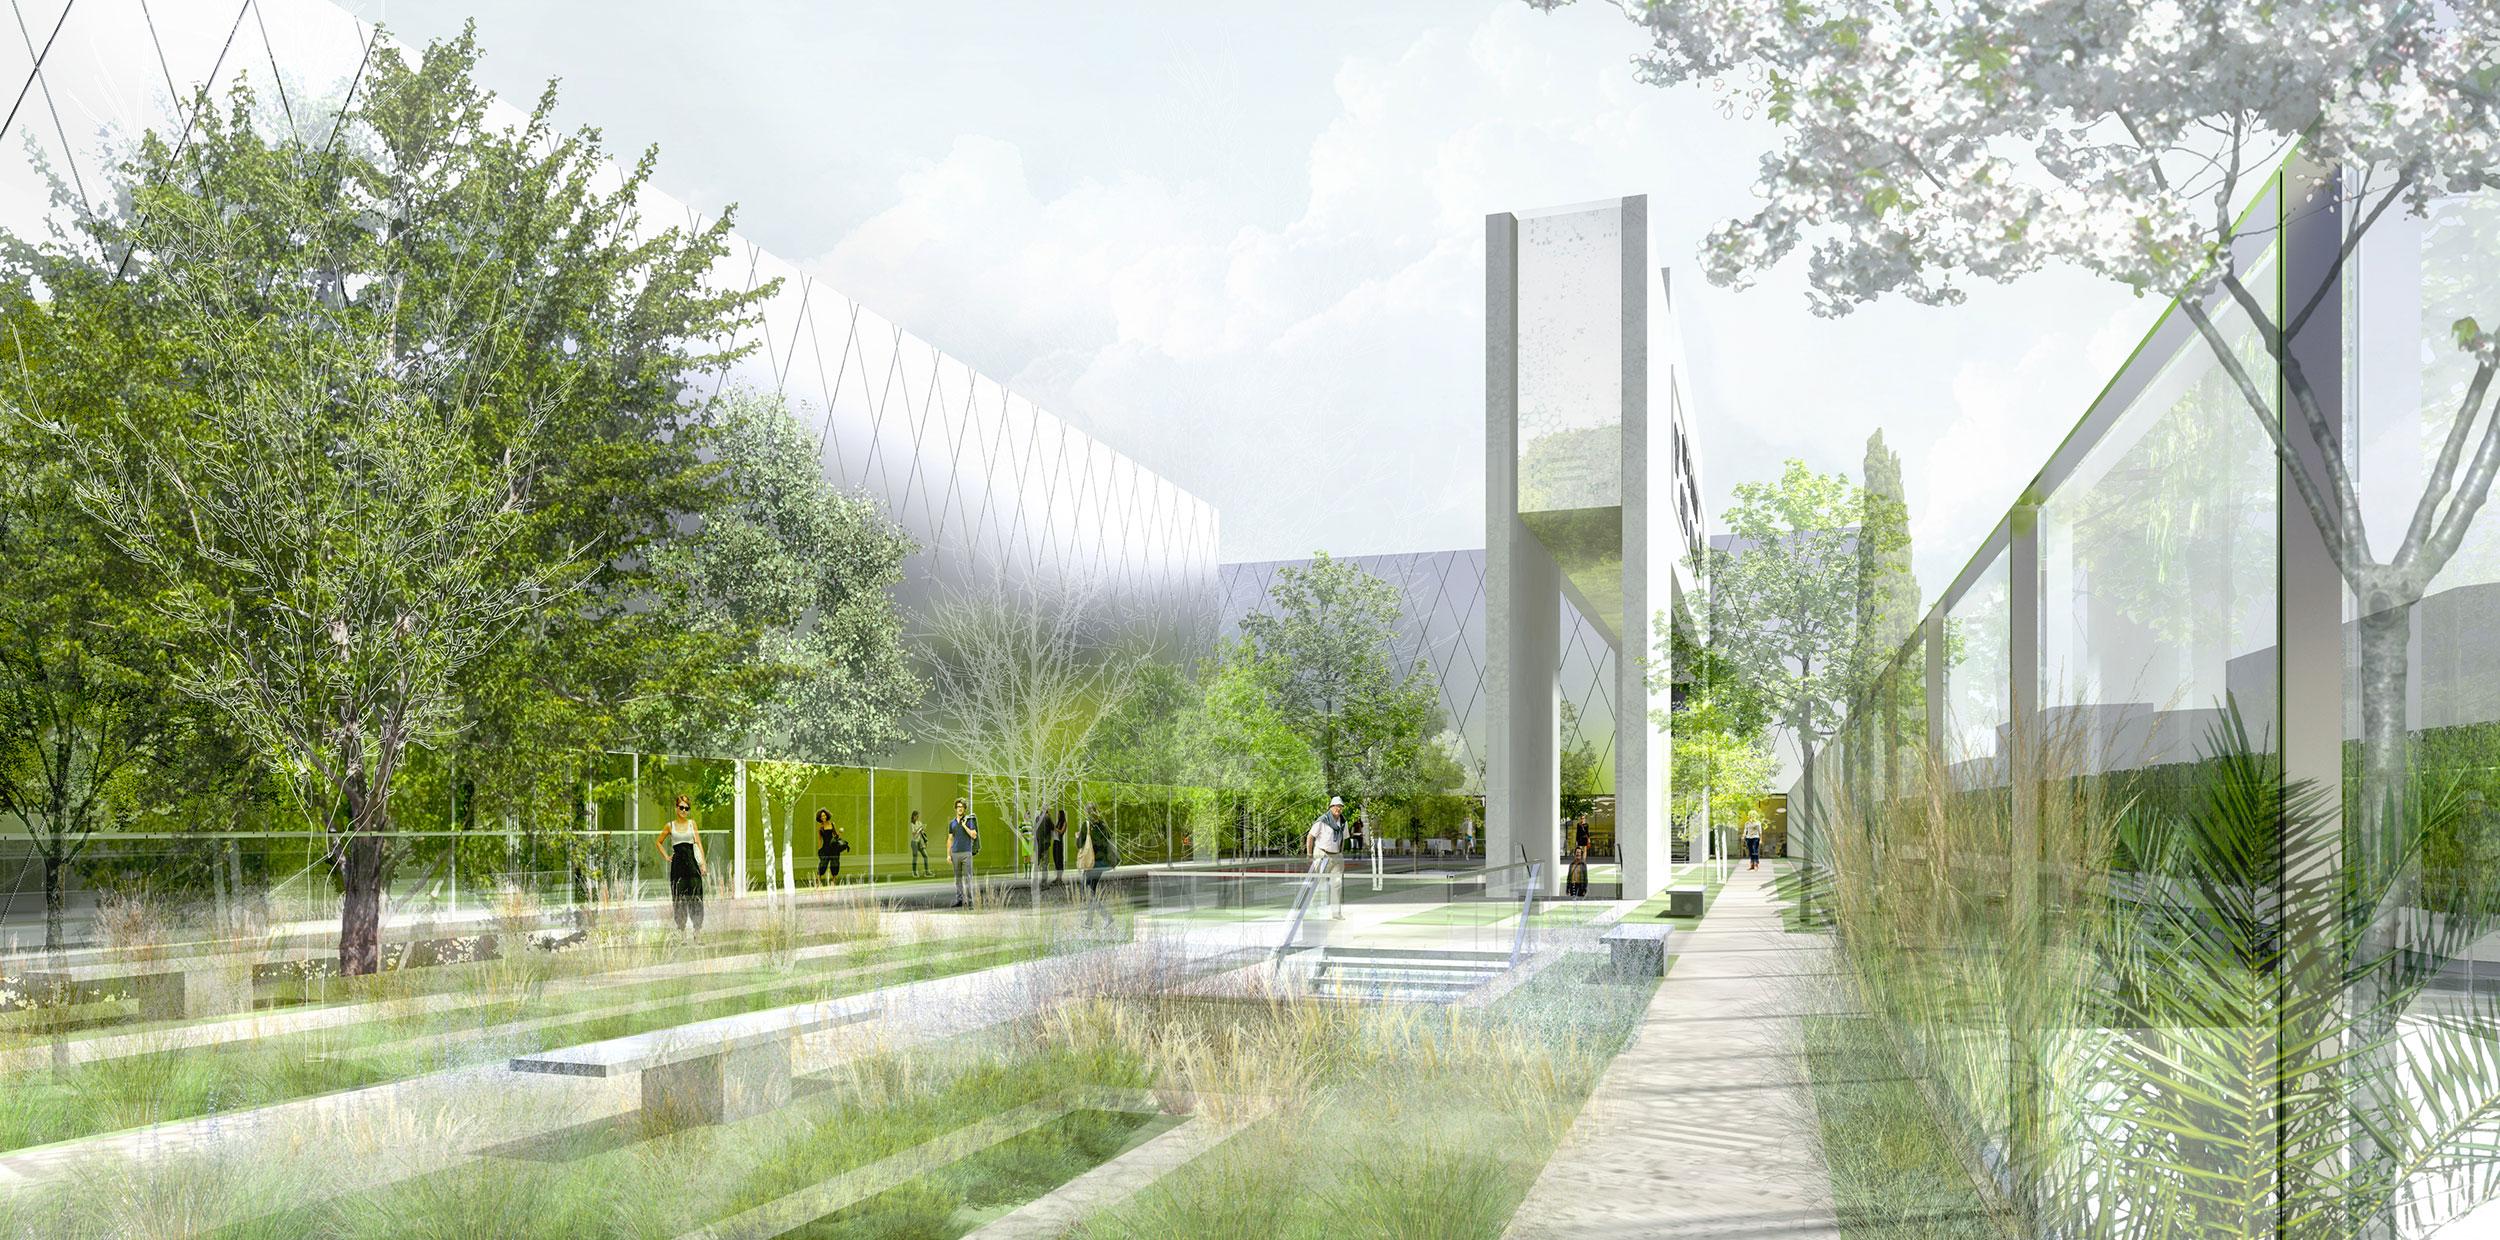 Atelier VM - Lehoux Phily & Samaha - Concours - Centre Culturel et Sportif - Courbevoie - Image d'Ar